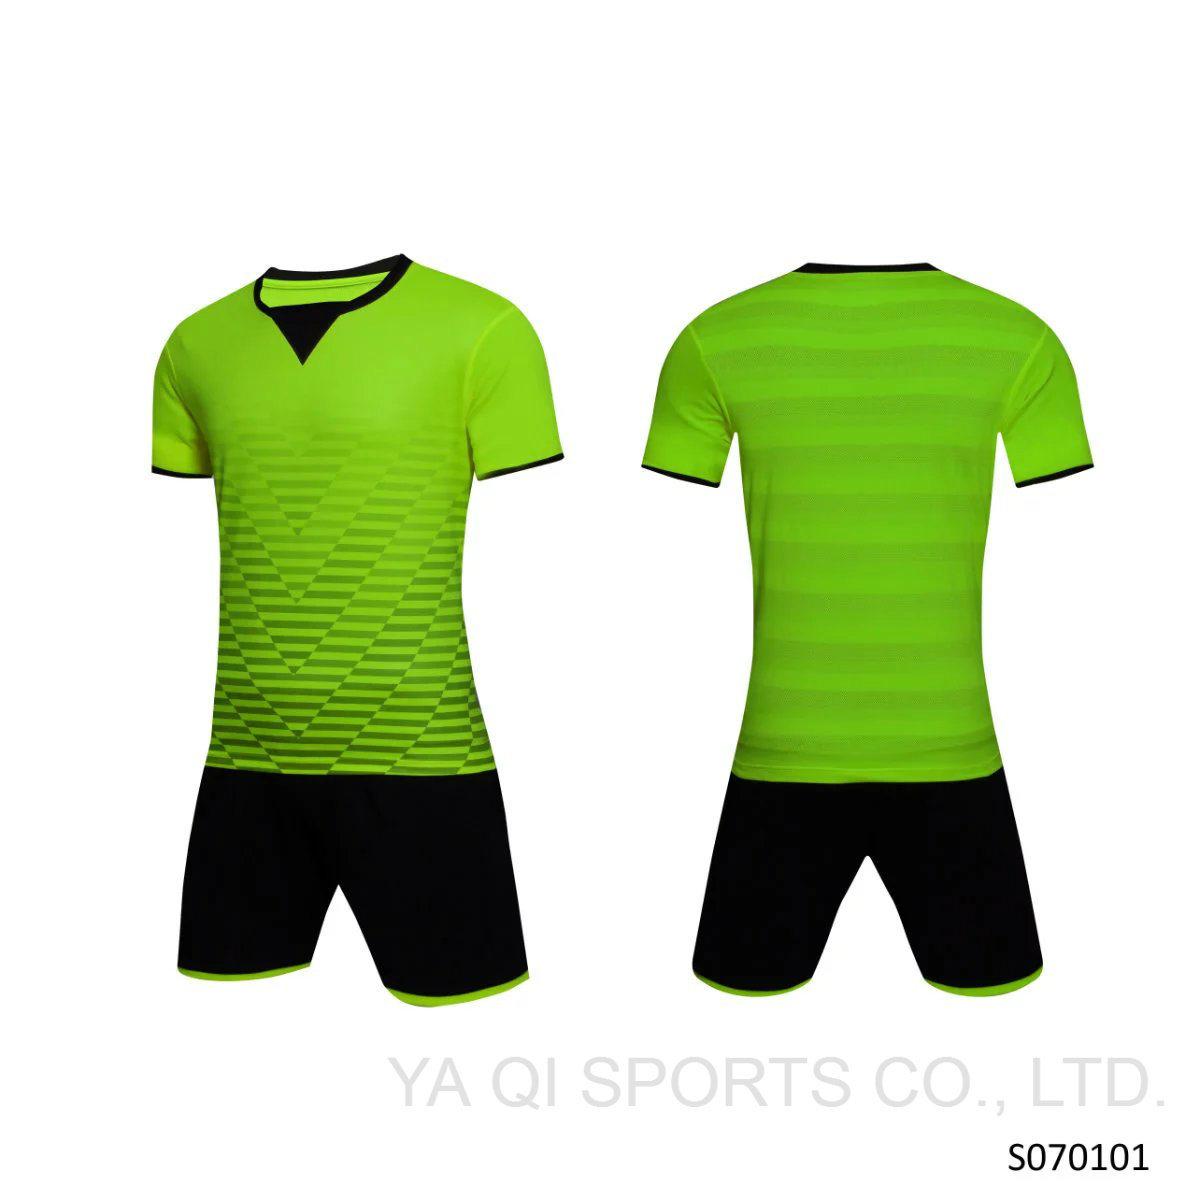 new product 9fdad 6bb73 [Hot Item] Wholesale China Soccer Jerseys, Sublimation China Cheap  Sportswear, Custom Cheap Football Kits China